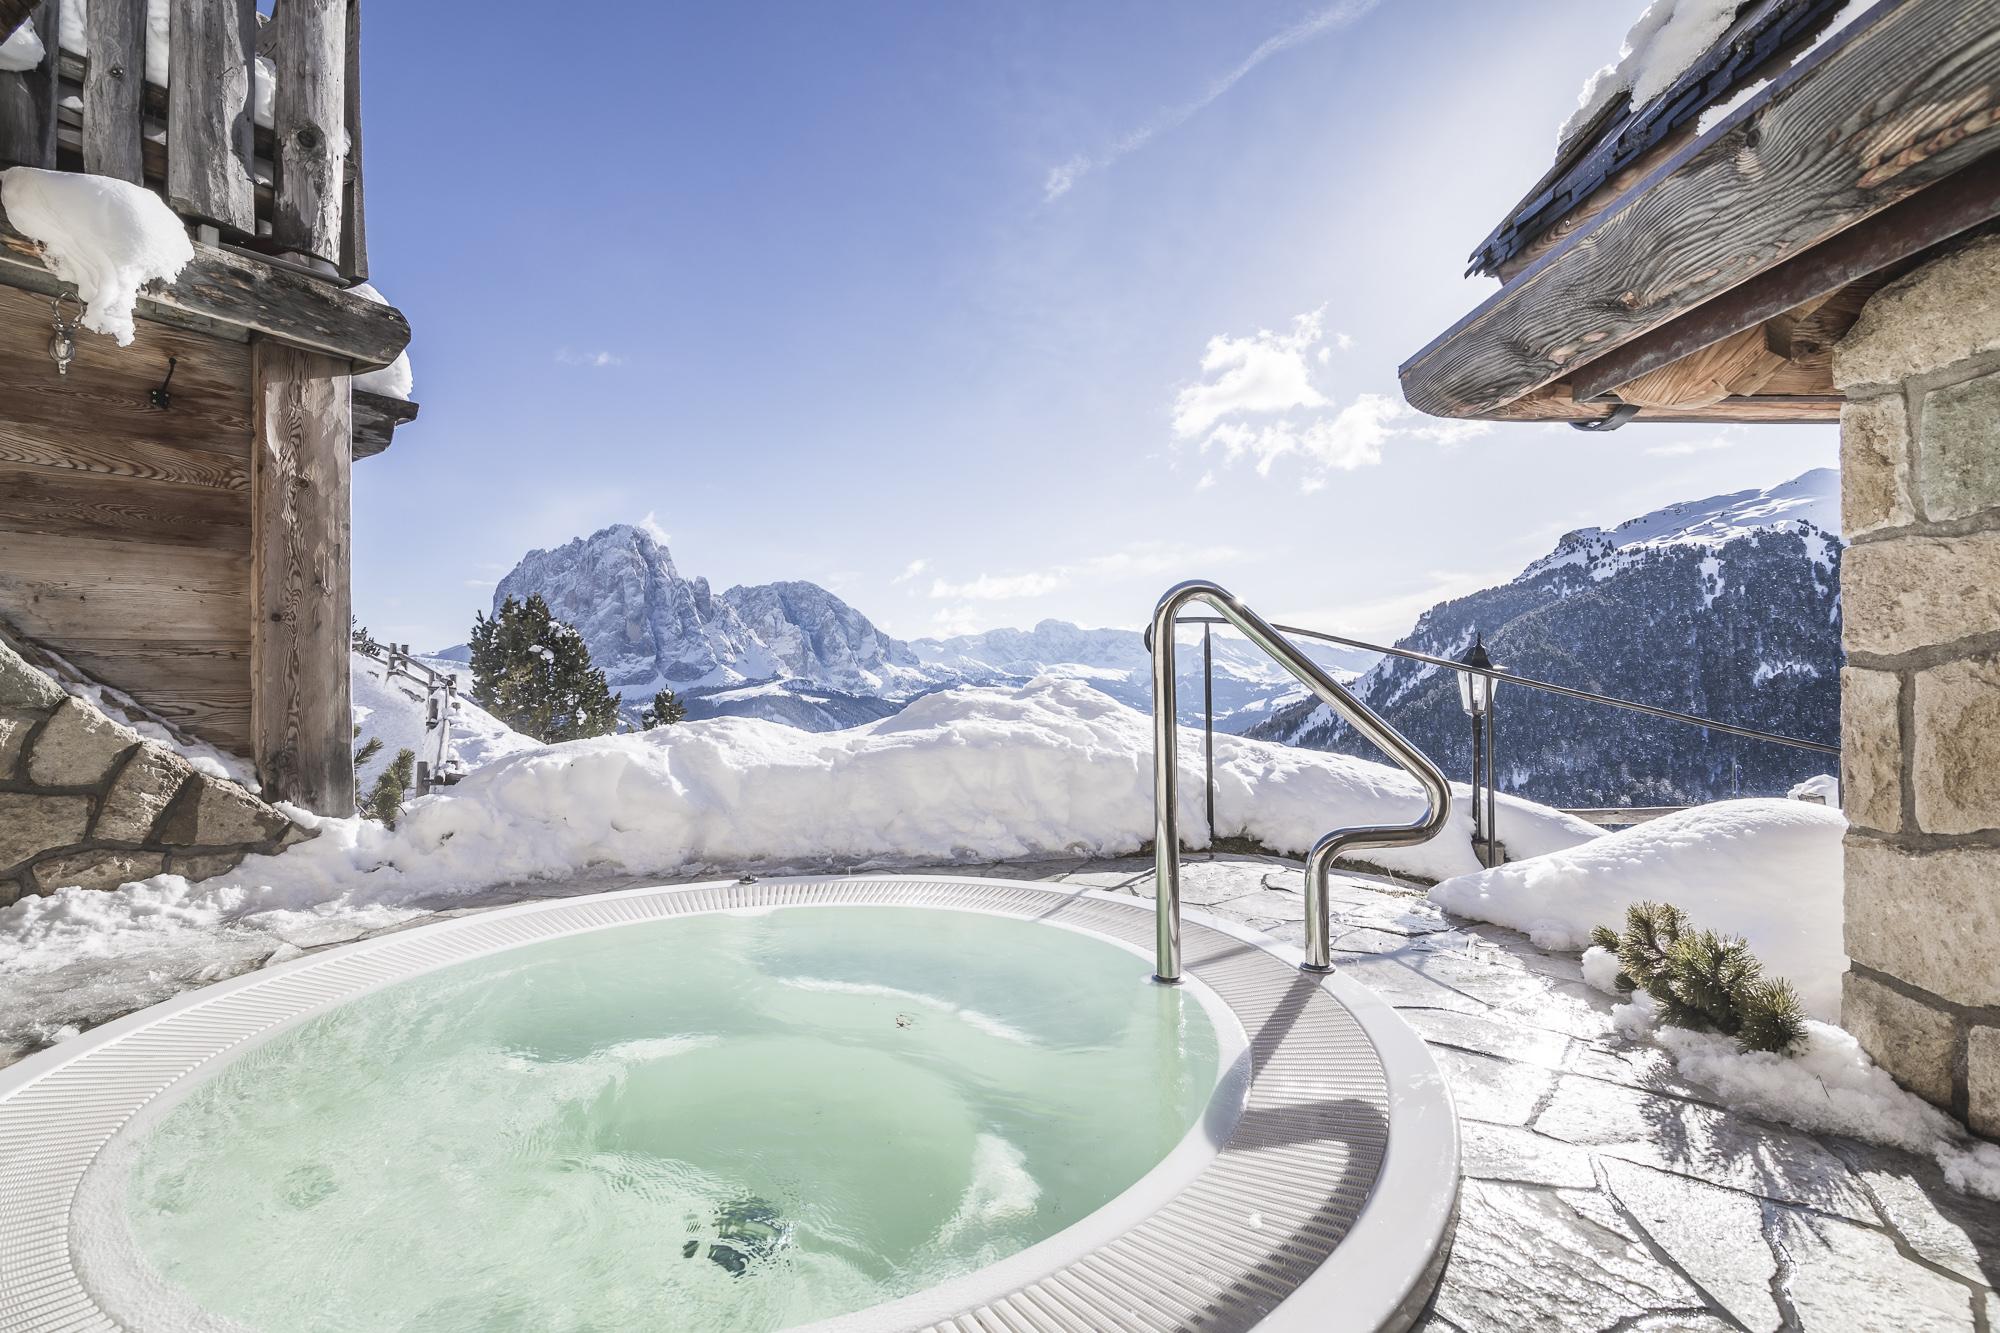 Almhotel col raiser a santa cristina recensione skimania sciare che passione - Bagno turco quante volte a settimana ...